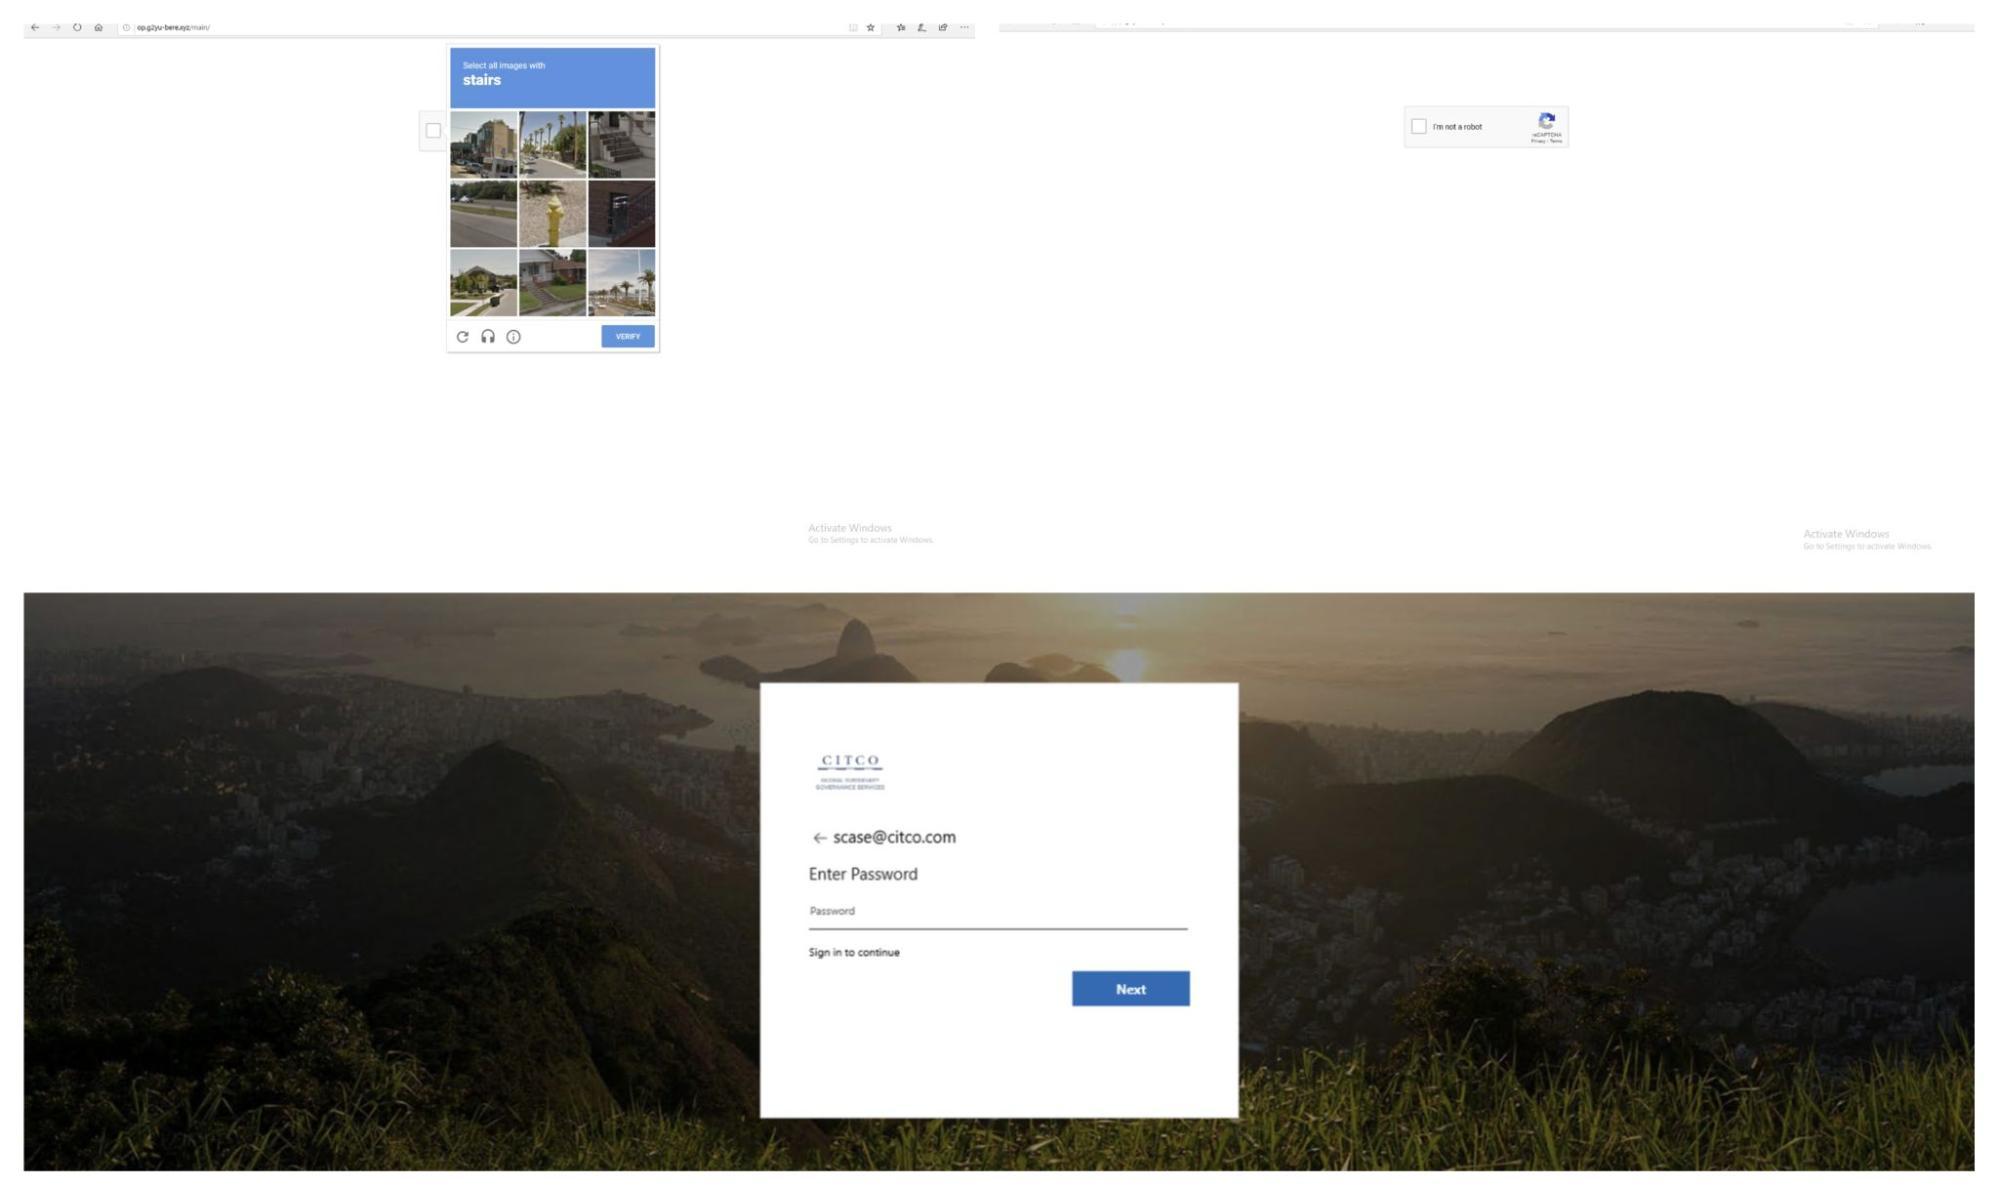 CAPTCHAで保護されたフィッシングキャンペーン。Microsoft のアカウント認証情報を狙ったもの。